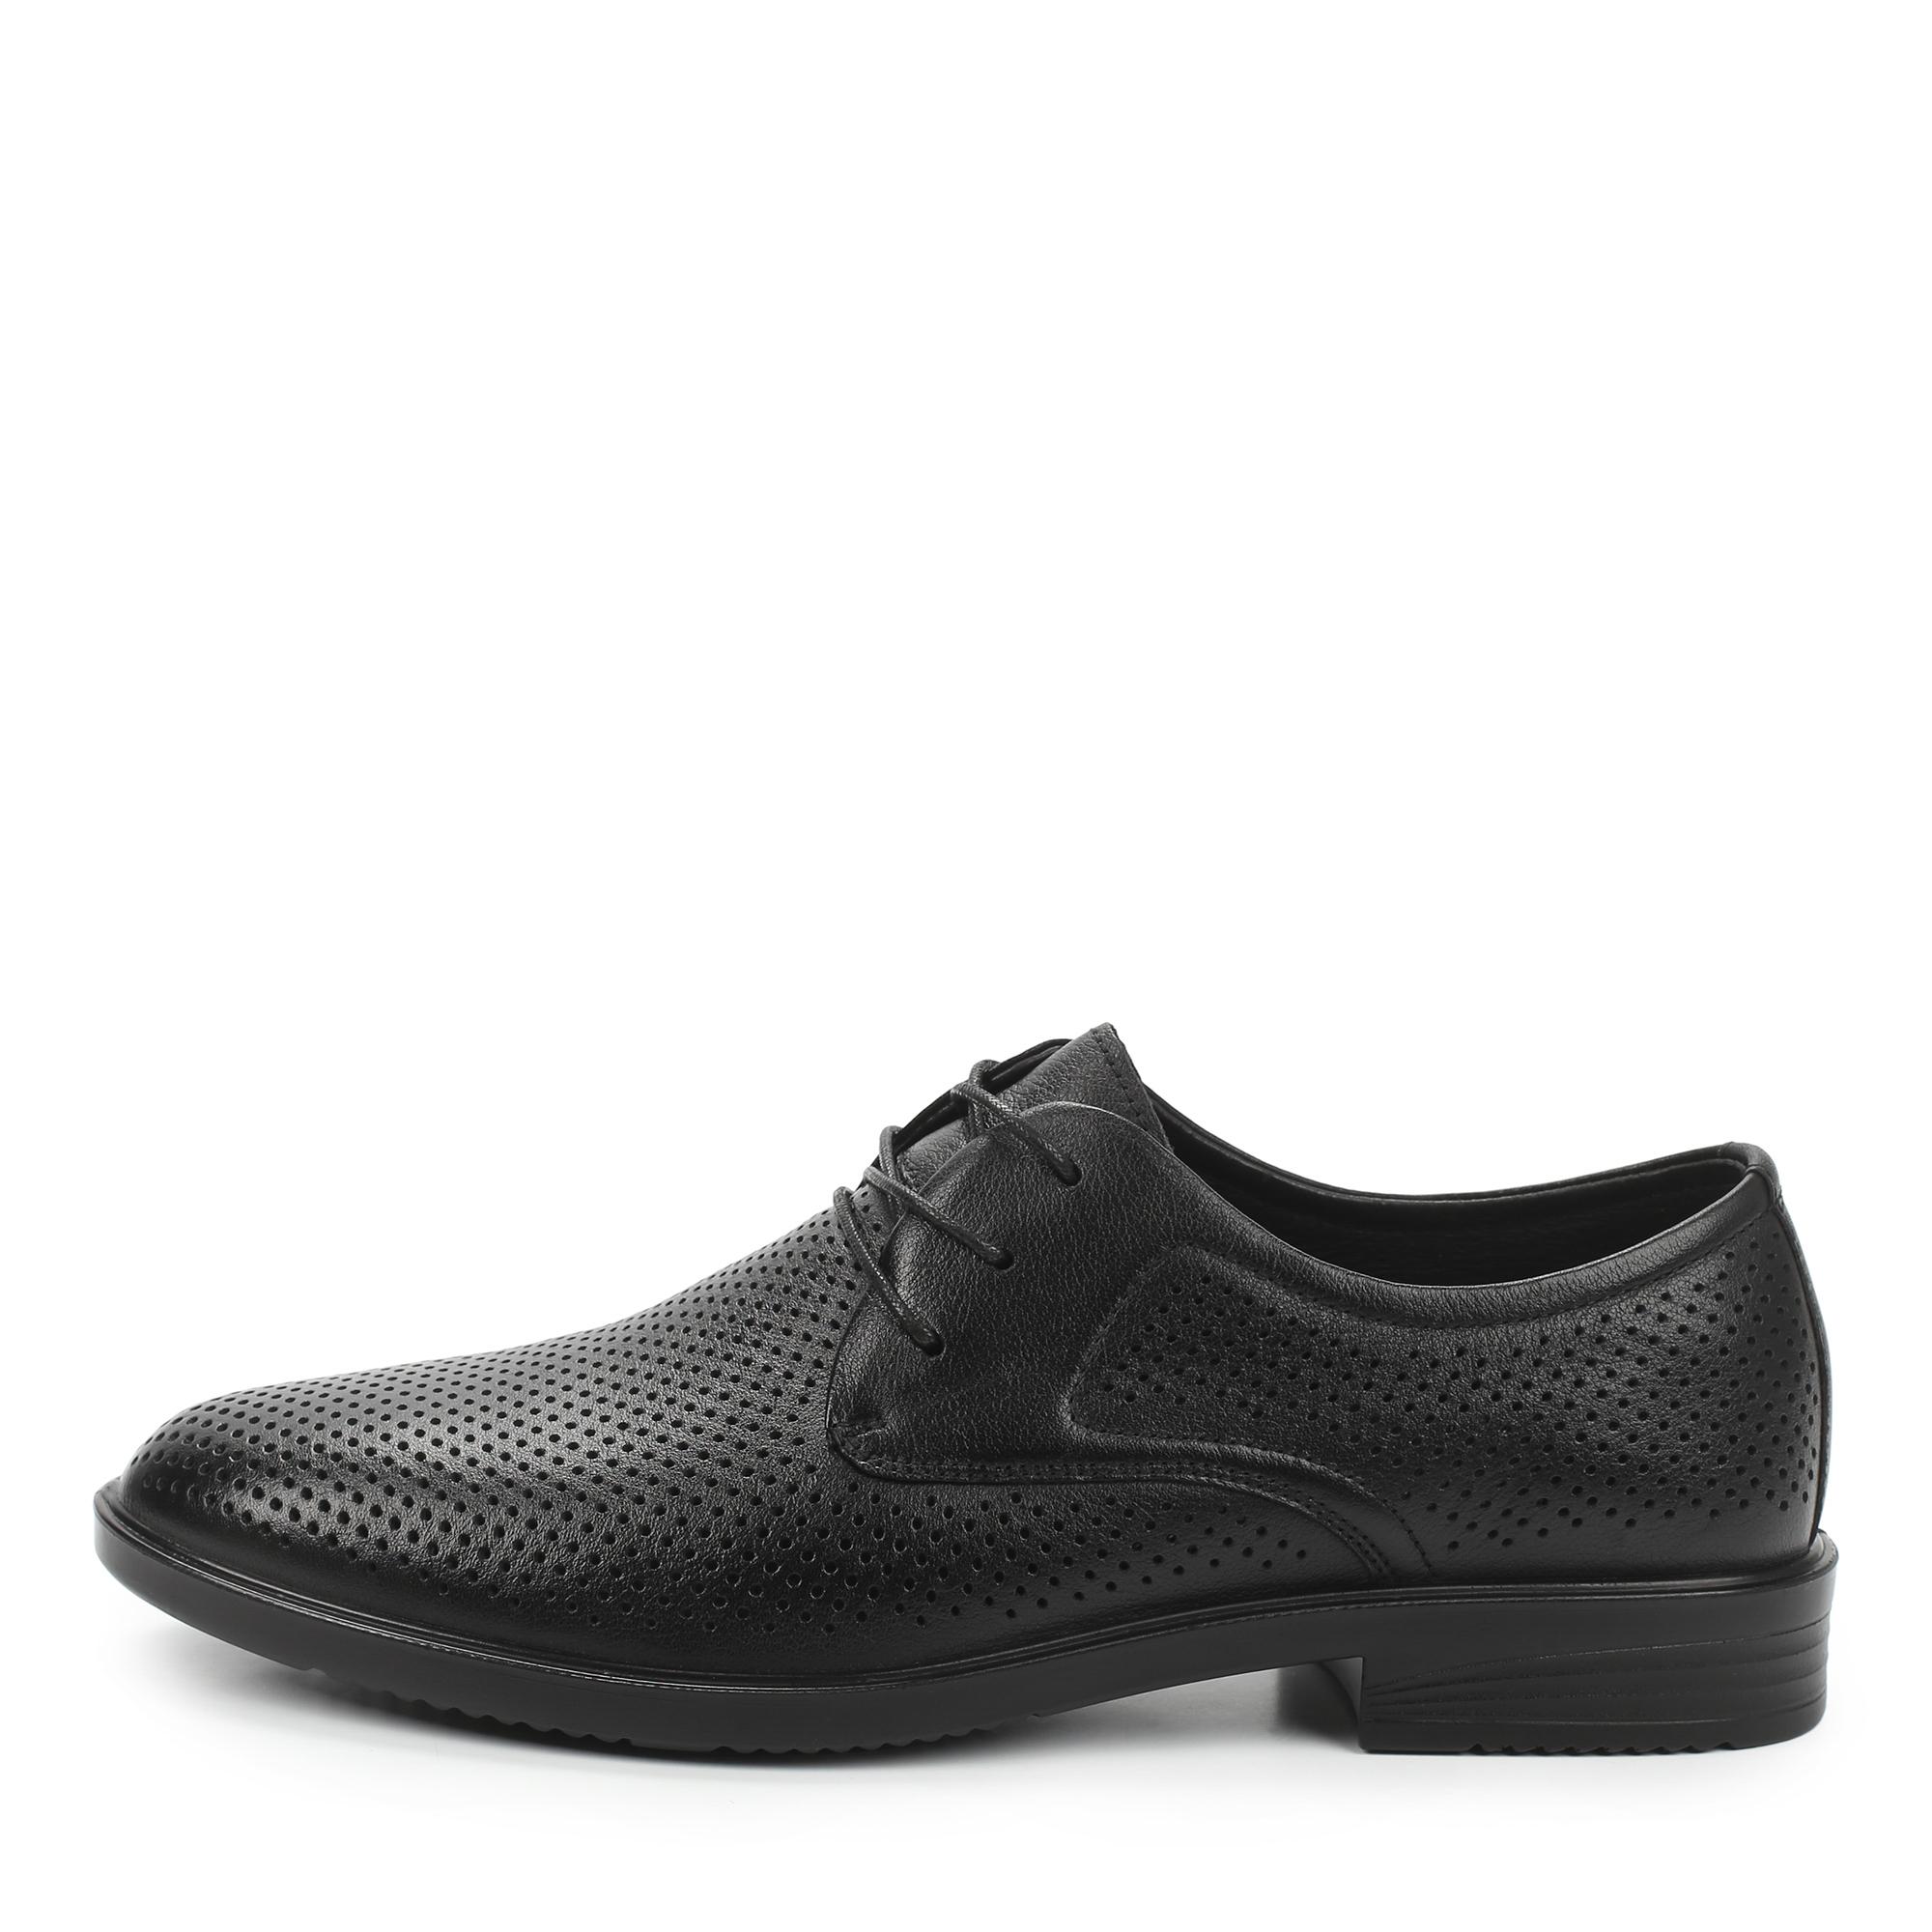 Туфли/полуботинки MUNZ Shoes 104-096A-1102 фото